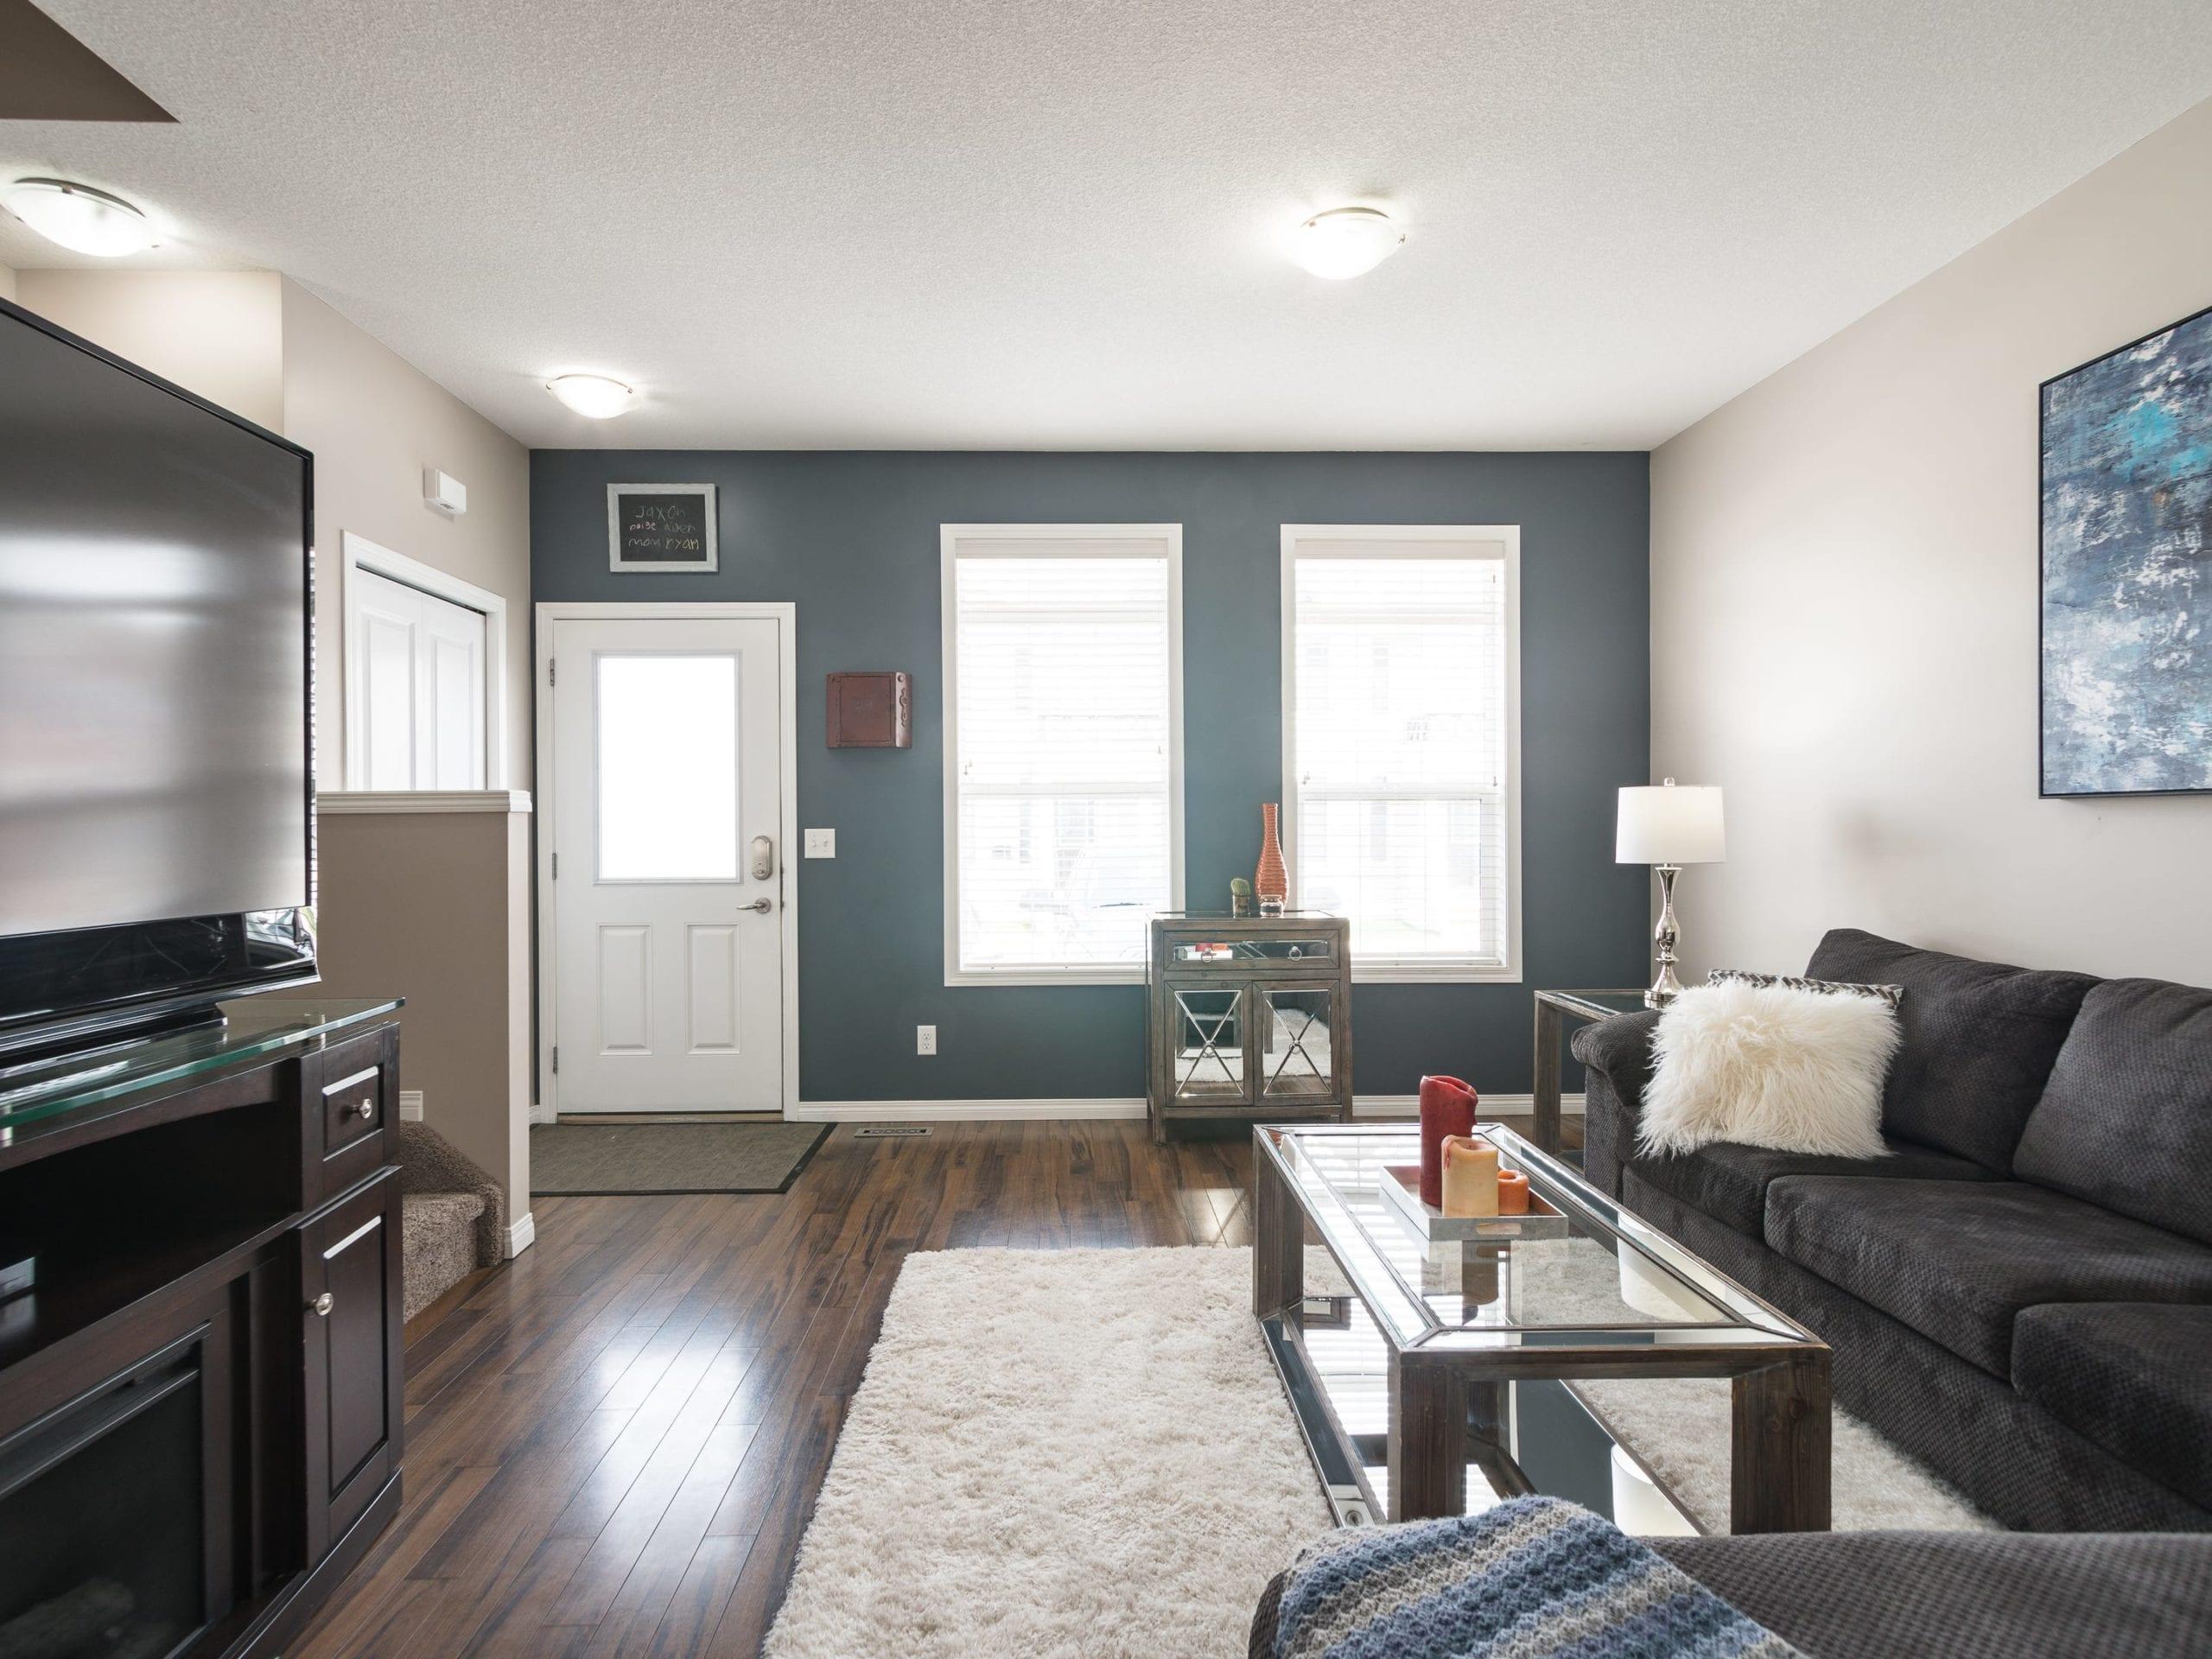 Hello Gorgeous - 1502 1001 8St NW - Tara Molina Real Estate (4 of 28)